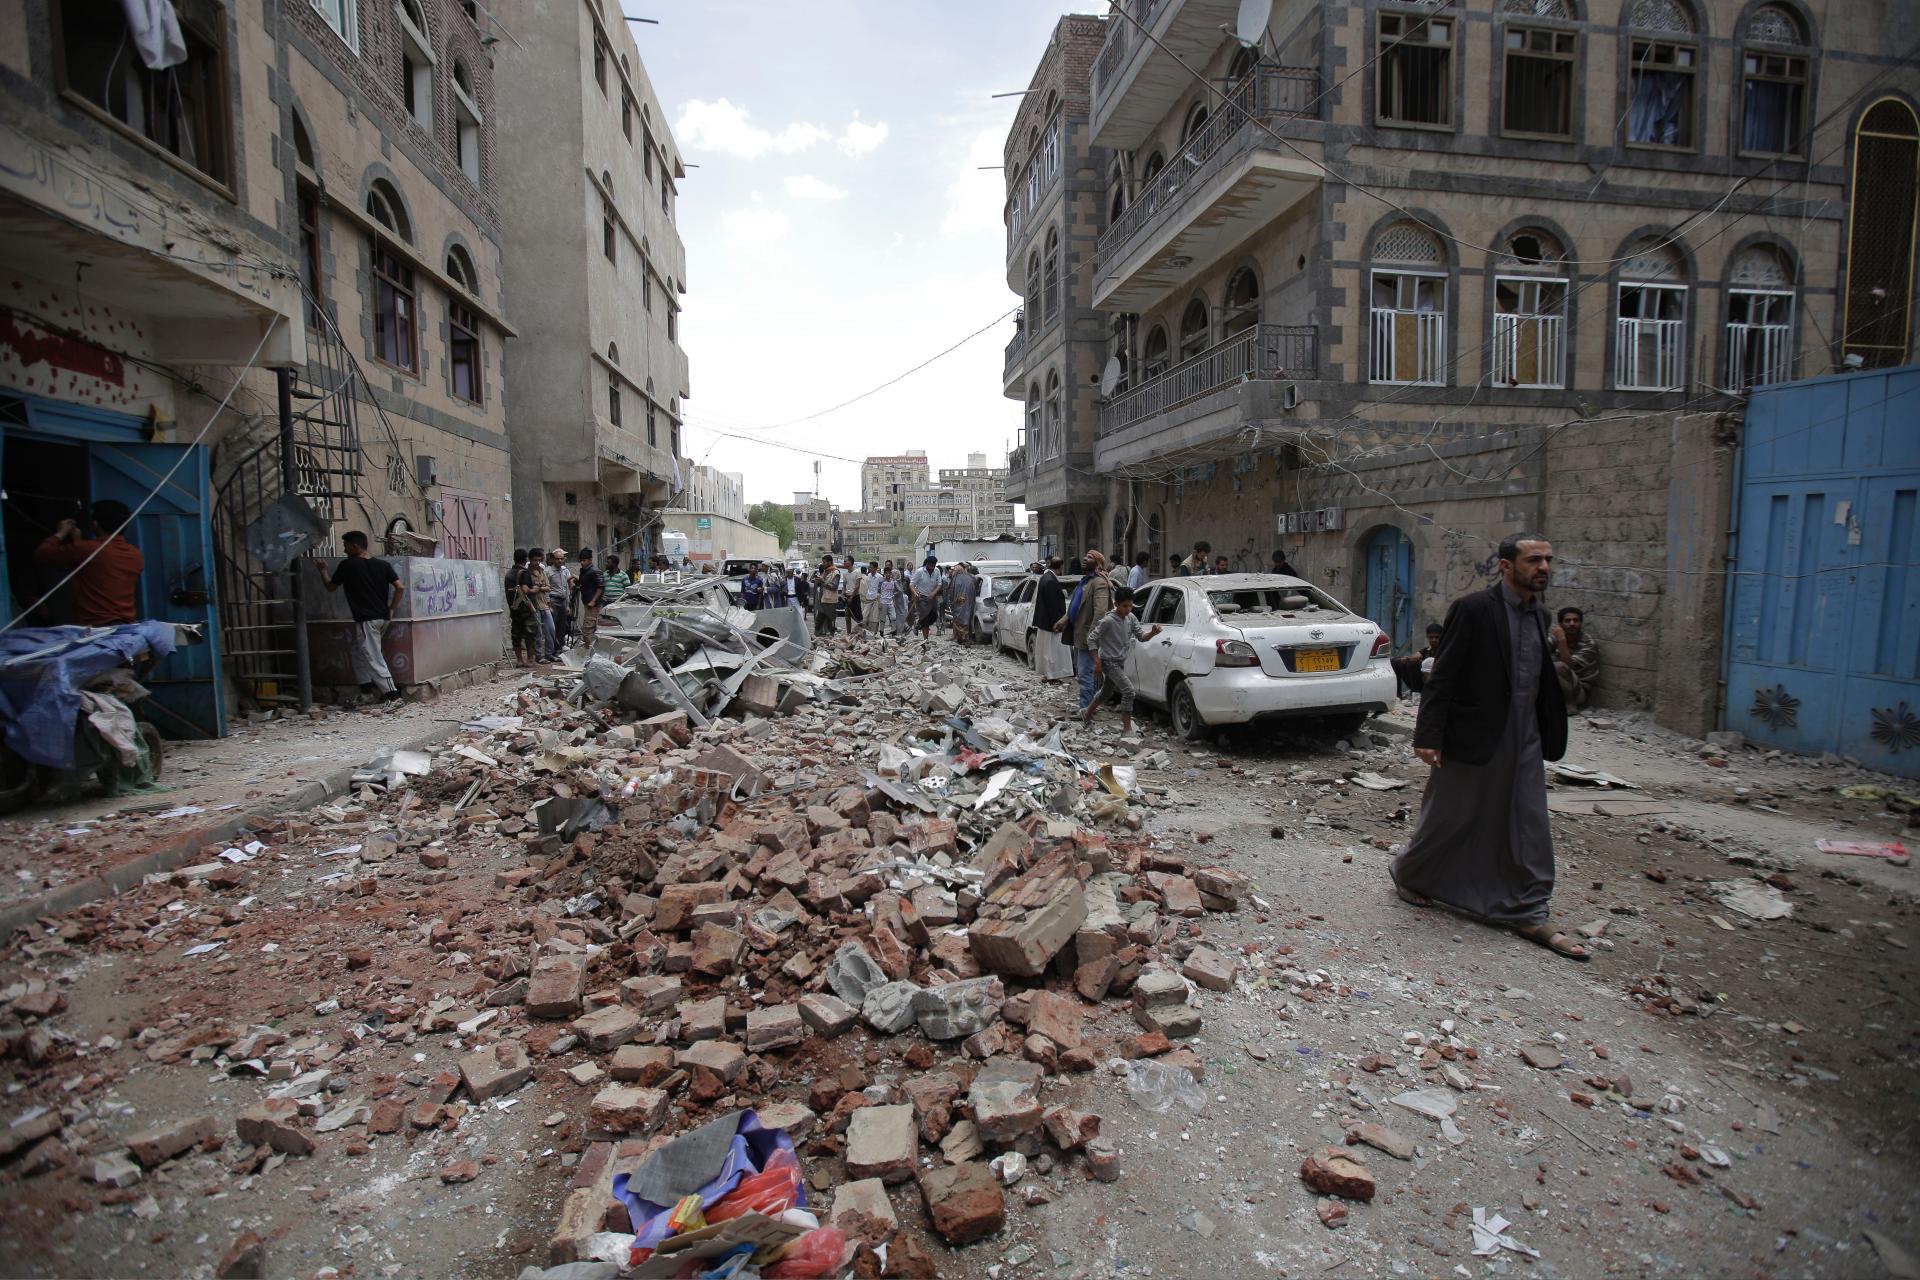 Hàng ngàn người Mỹ vẫn bị mắc kẹt ở Yemen trong bối cảnh khủng hoảng nhân đạo đang gia tăng